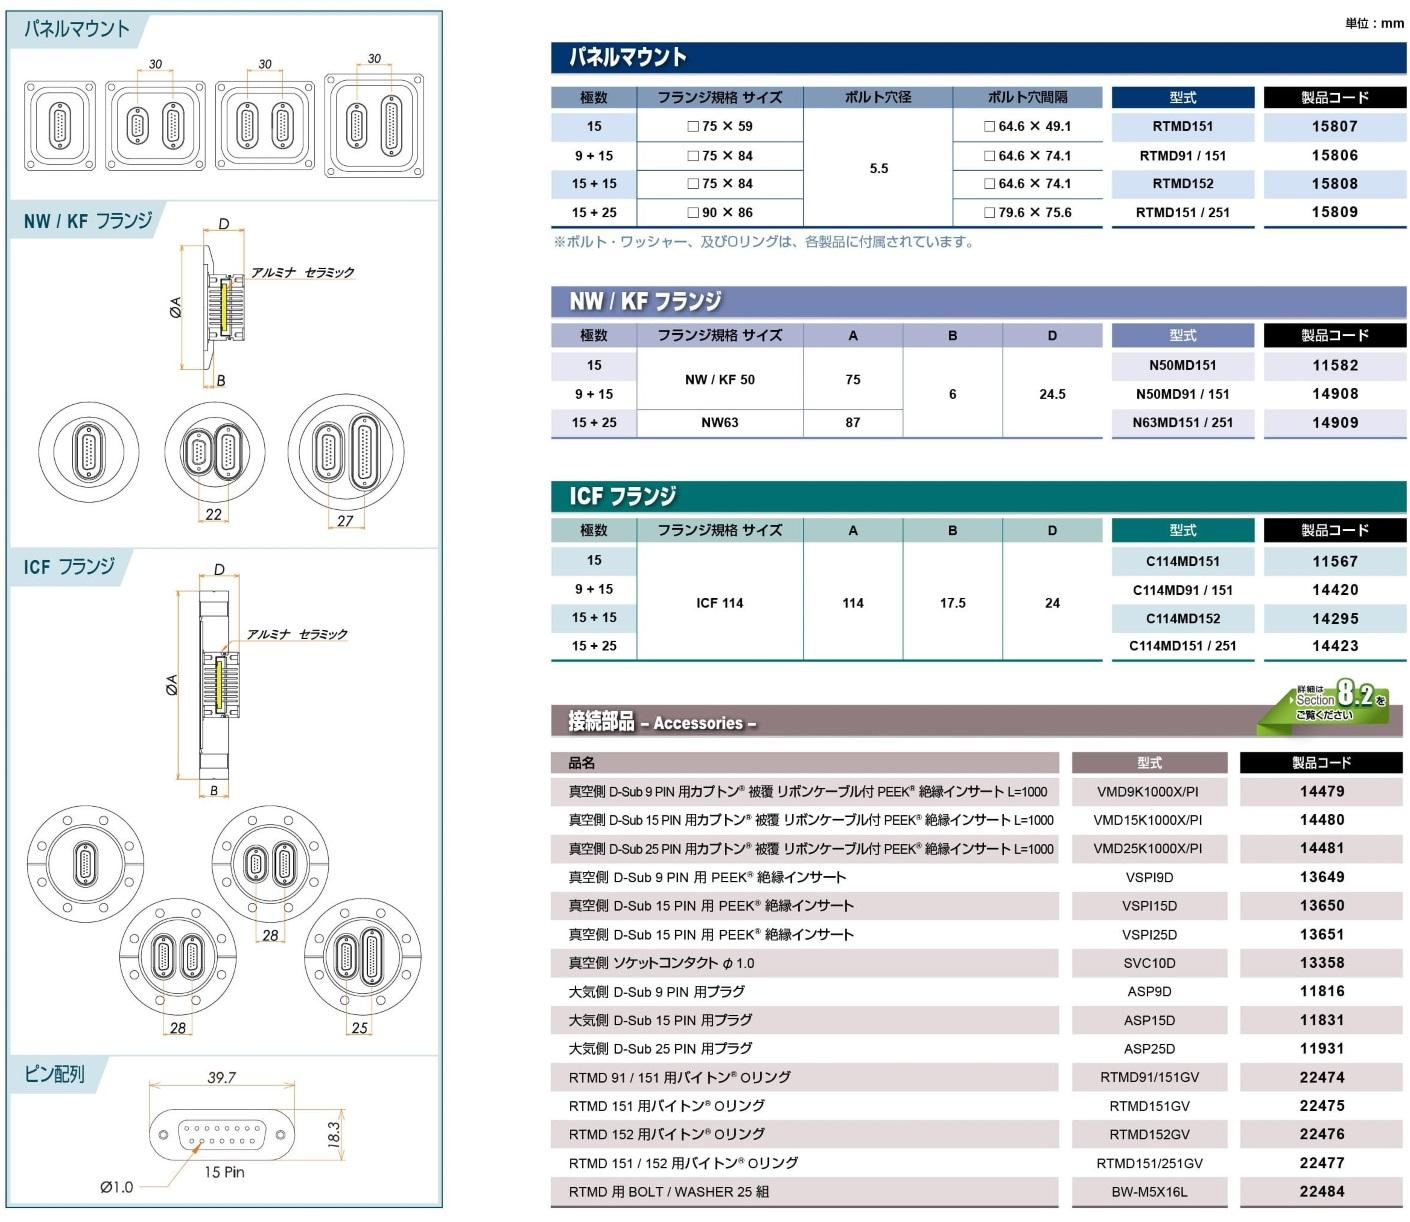 フィードスルー 多ピン D-Sub (MIL-C-24308) 15PIN カタログ画像